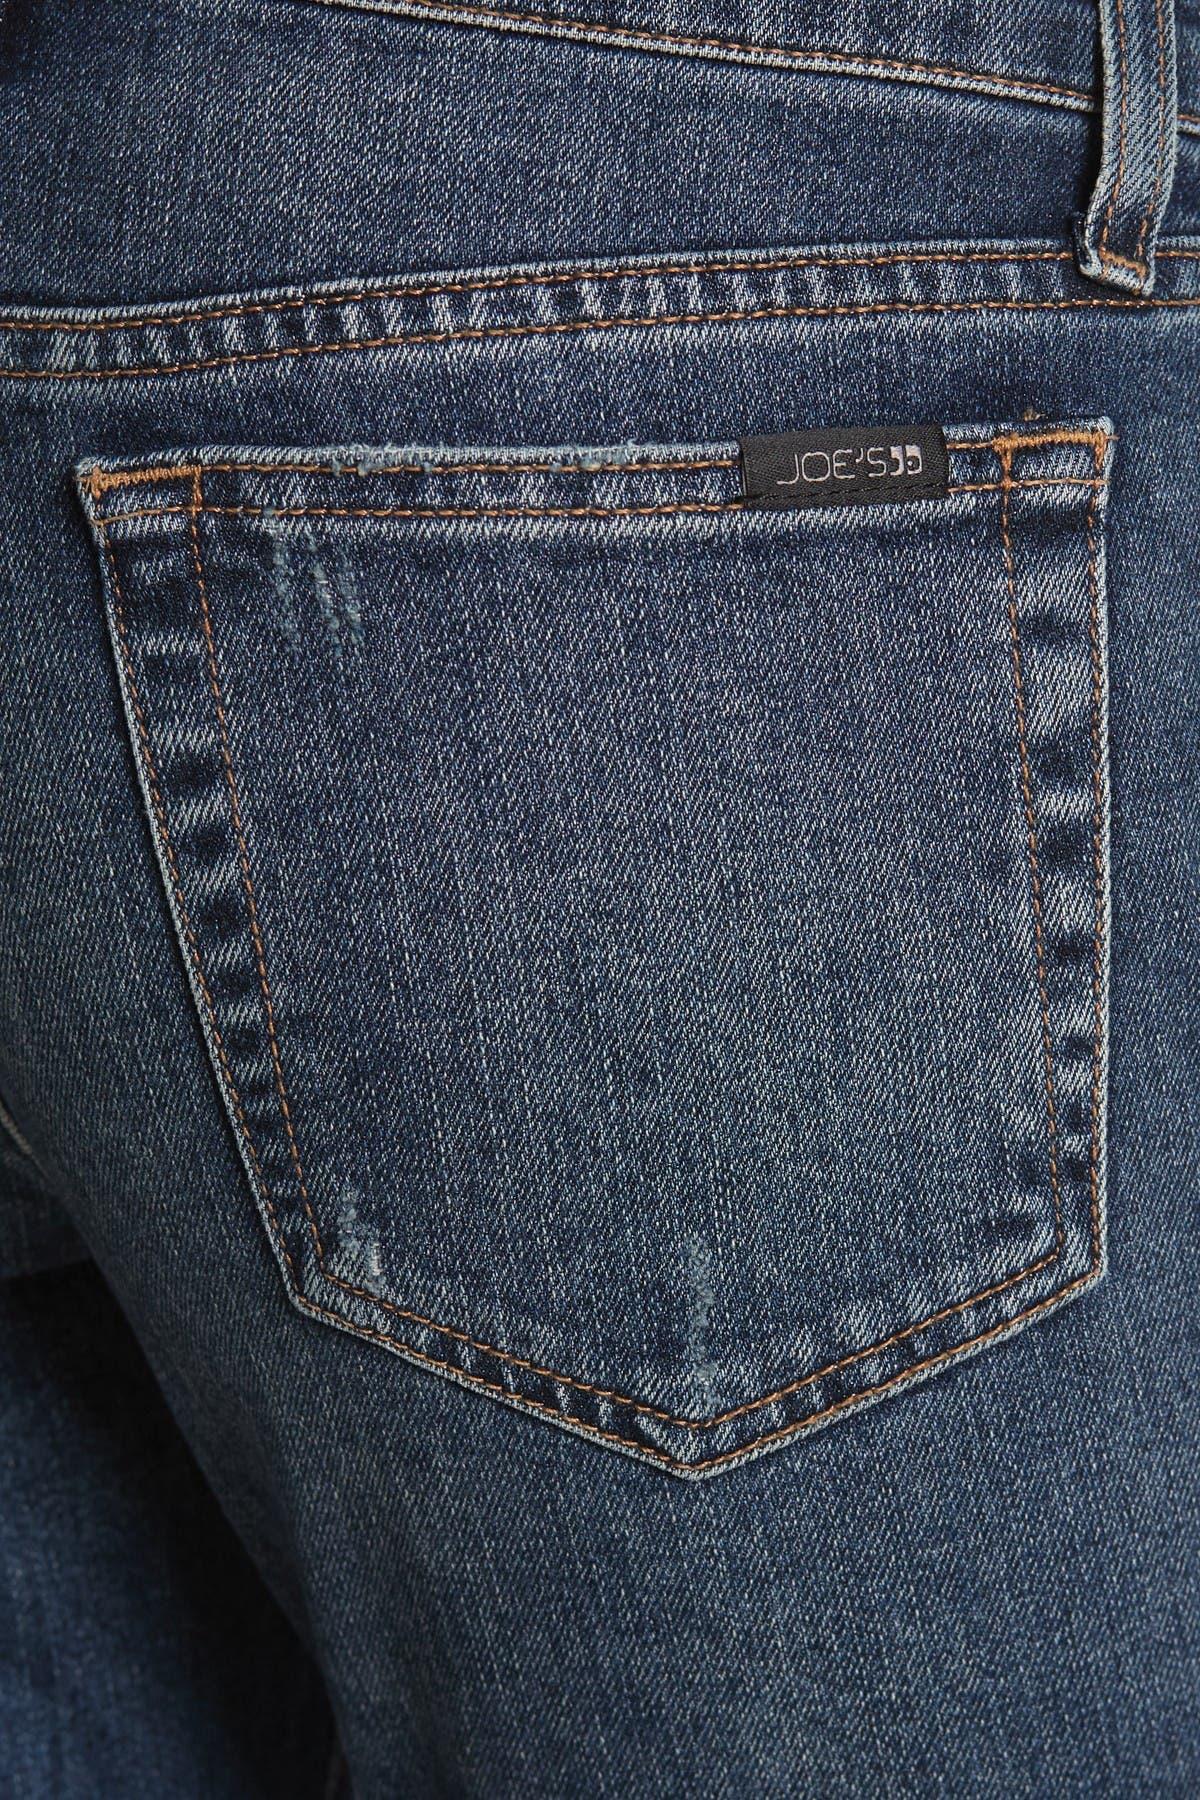 Image of Joe's Jeans Boyfriend Slim Ankle Jean